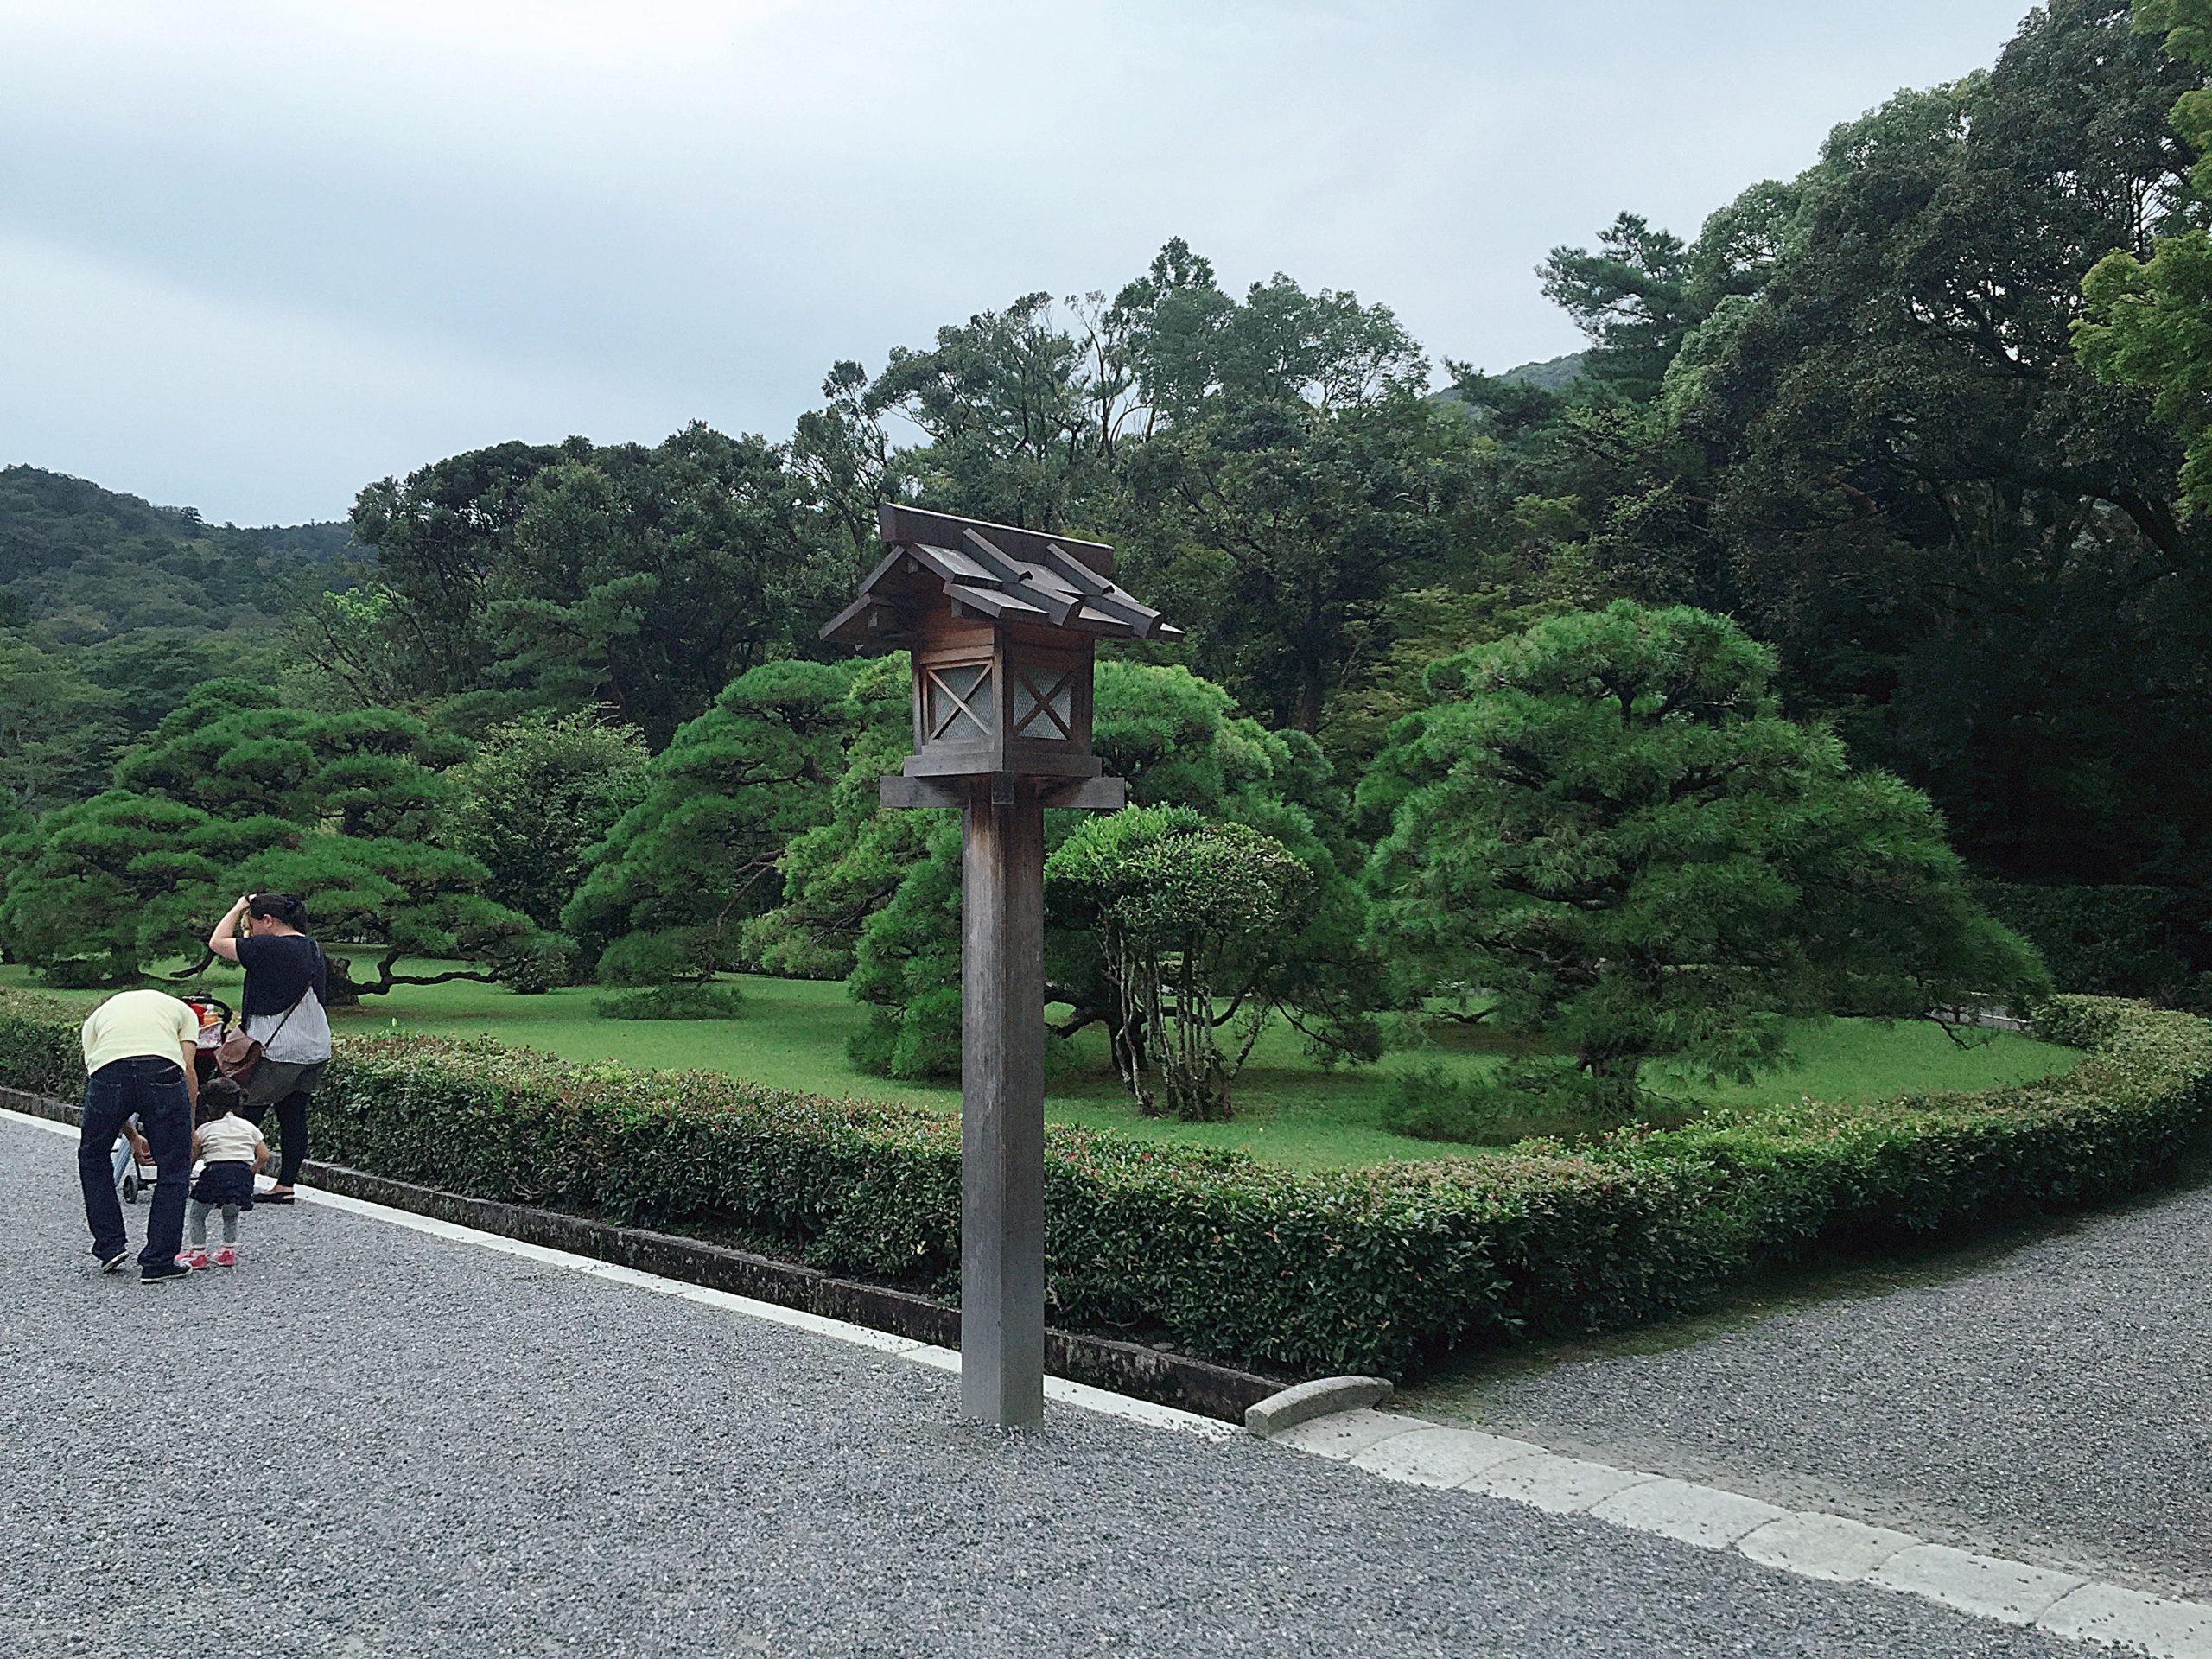 伊勢神宮内宮の松の木